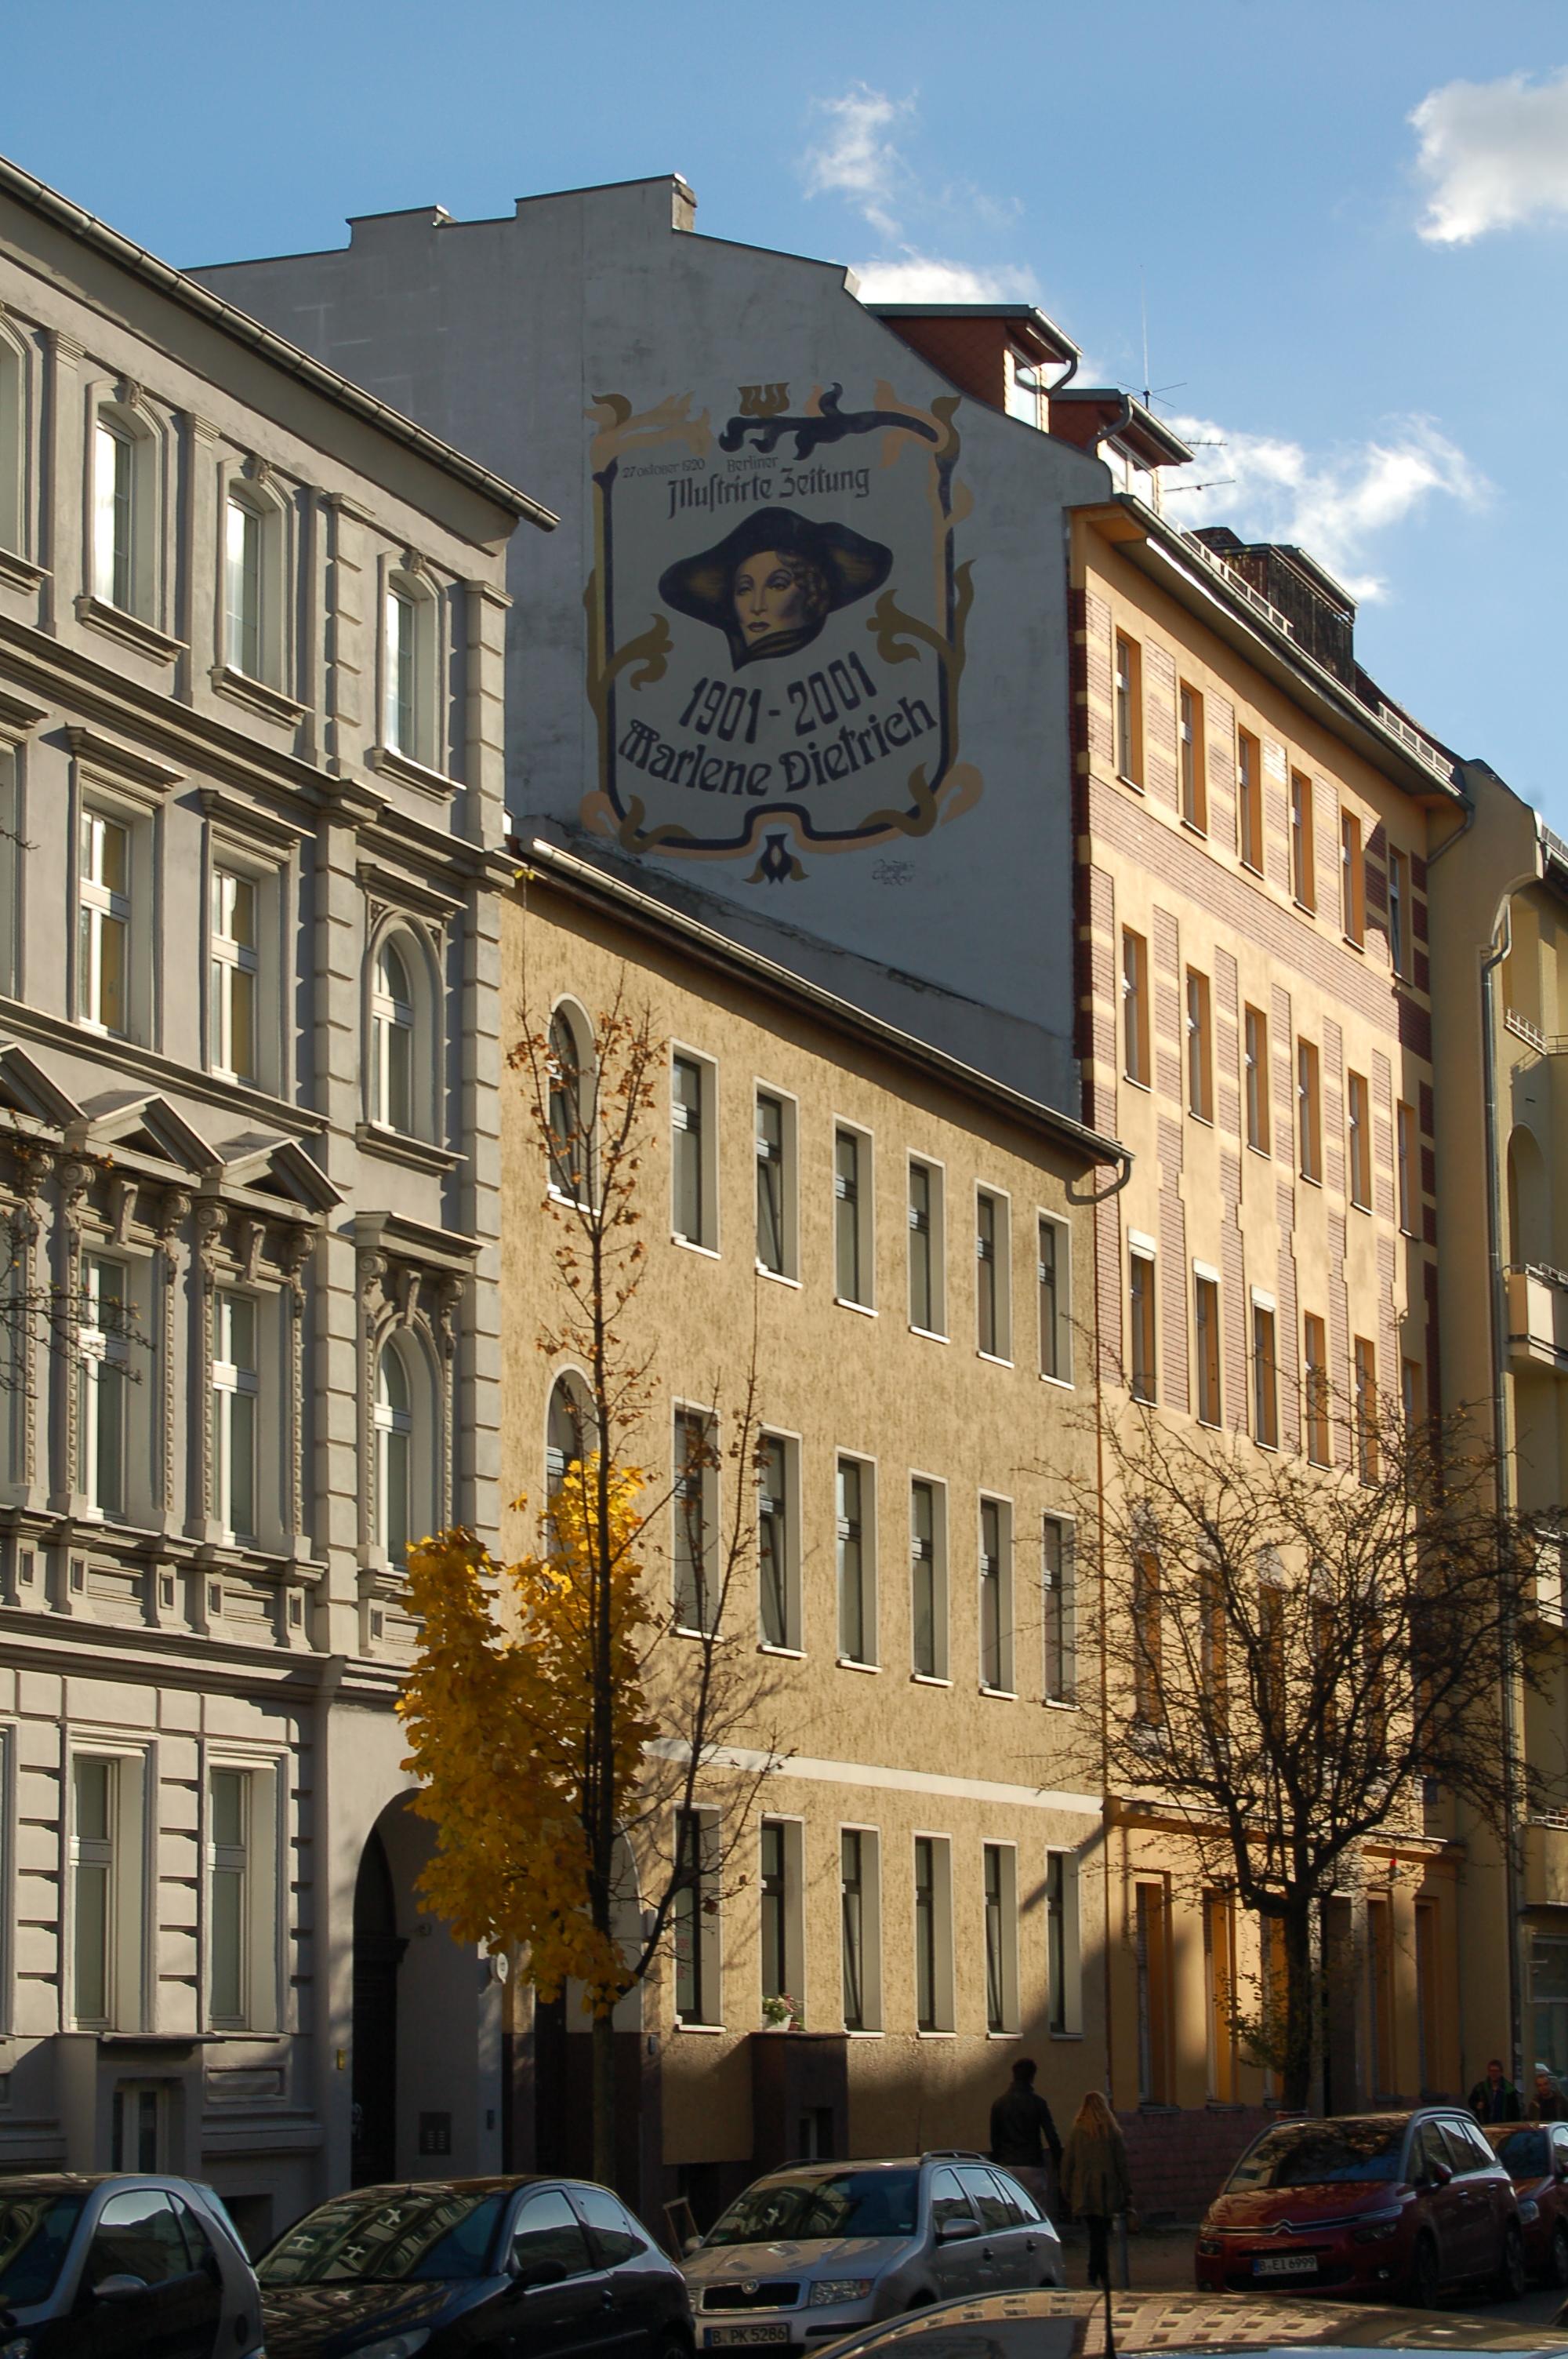 Onze man in Berlijn: Waar ik woon